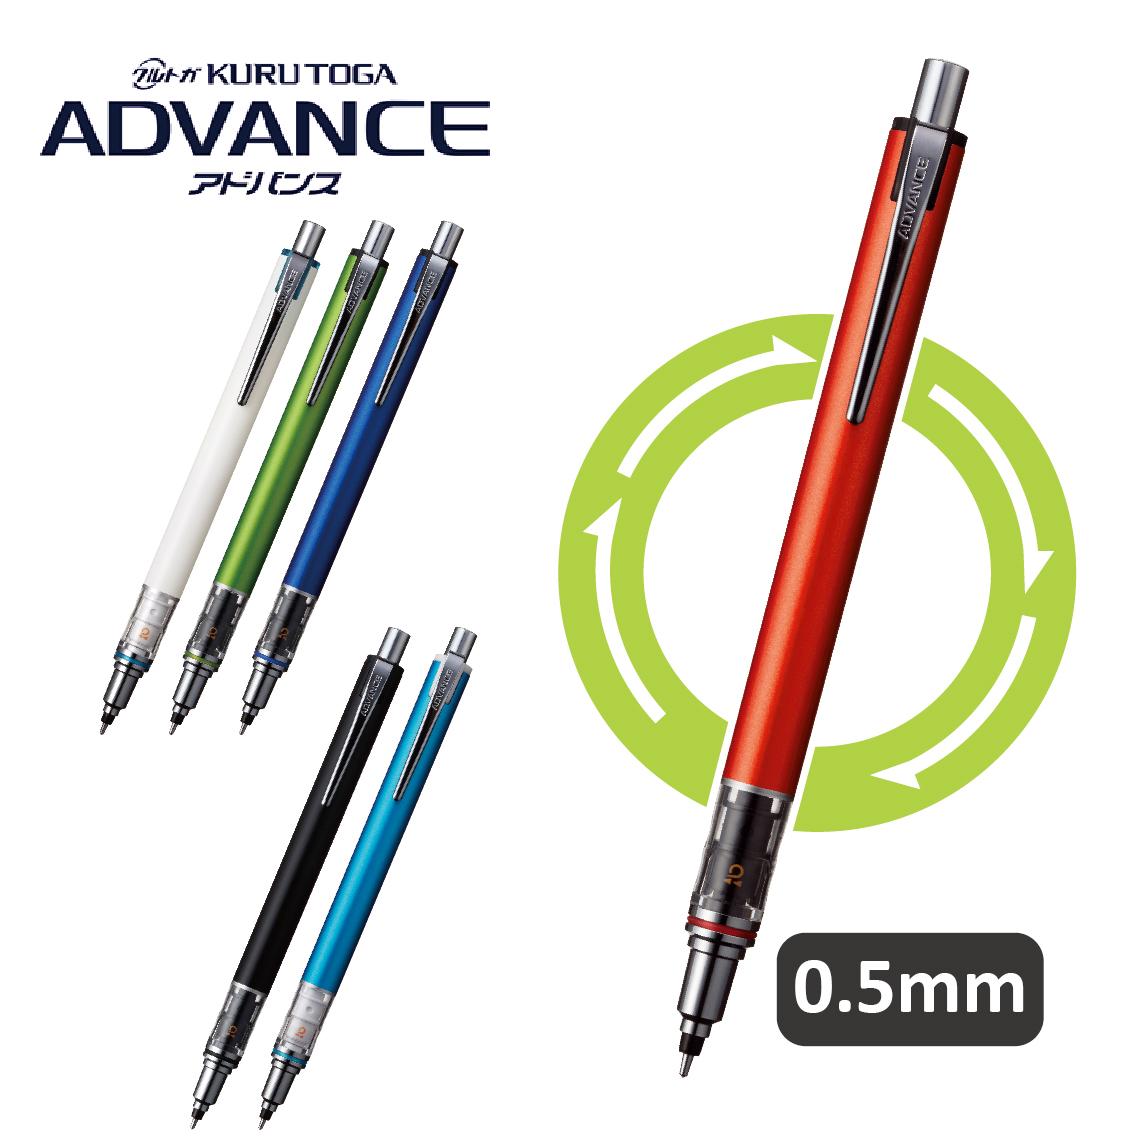 三菱鉛筆 クルトガアドバンス スタンダードモデル【0.5mm】